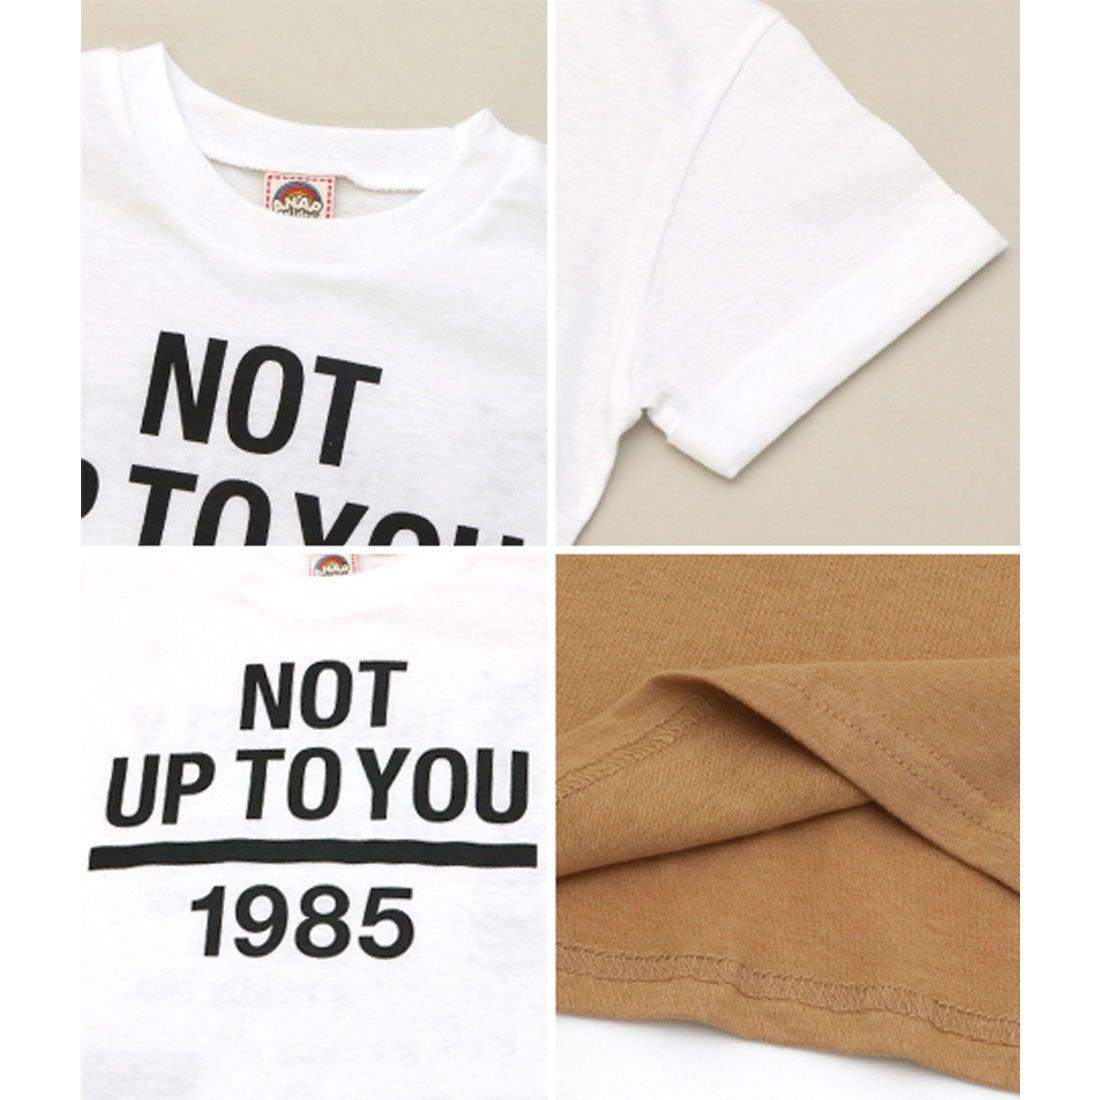 ロコンド 靴とファッションの通販サイトアナップキッズ ANAP KIDS ロールアッププリントBIG-Tシャツ (ホワイト)